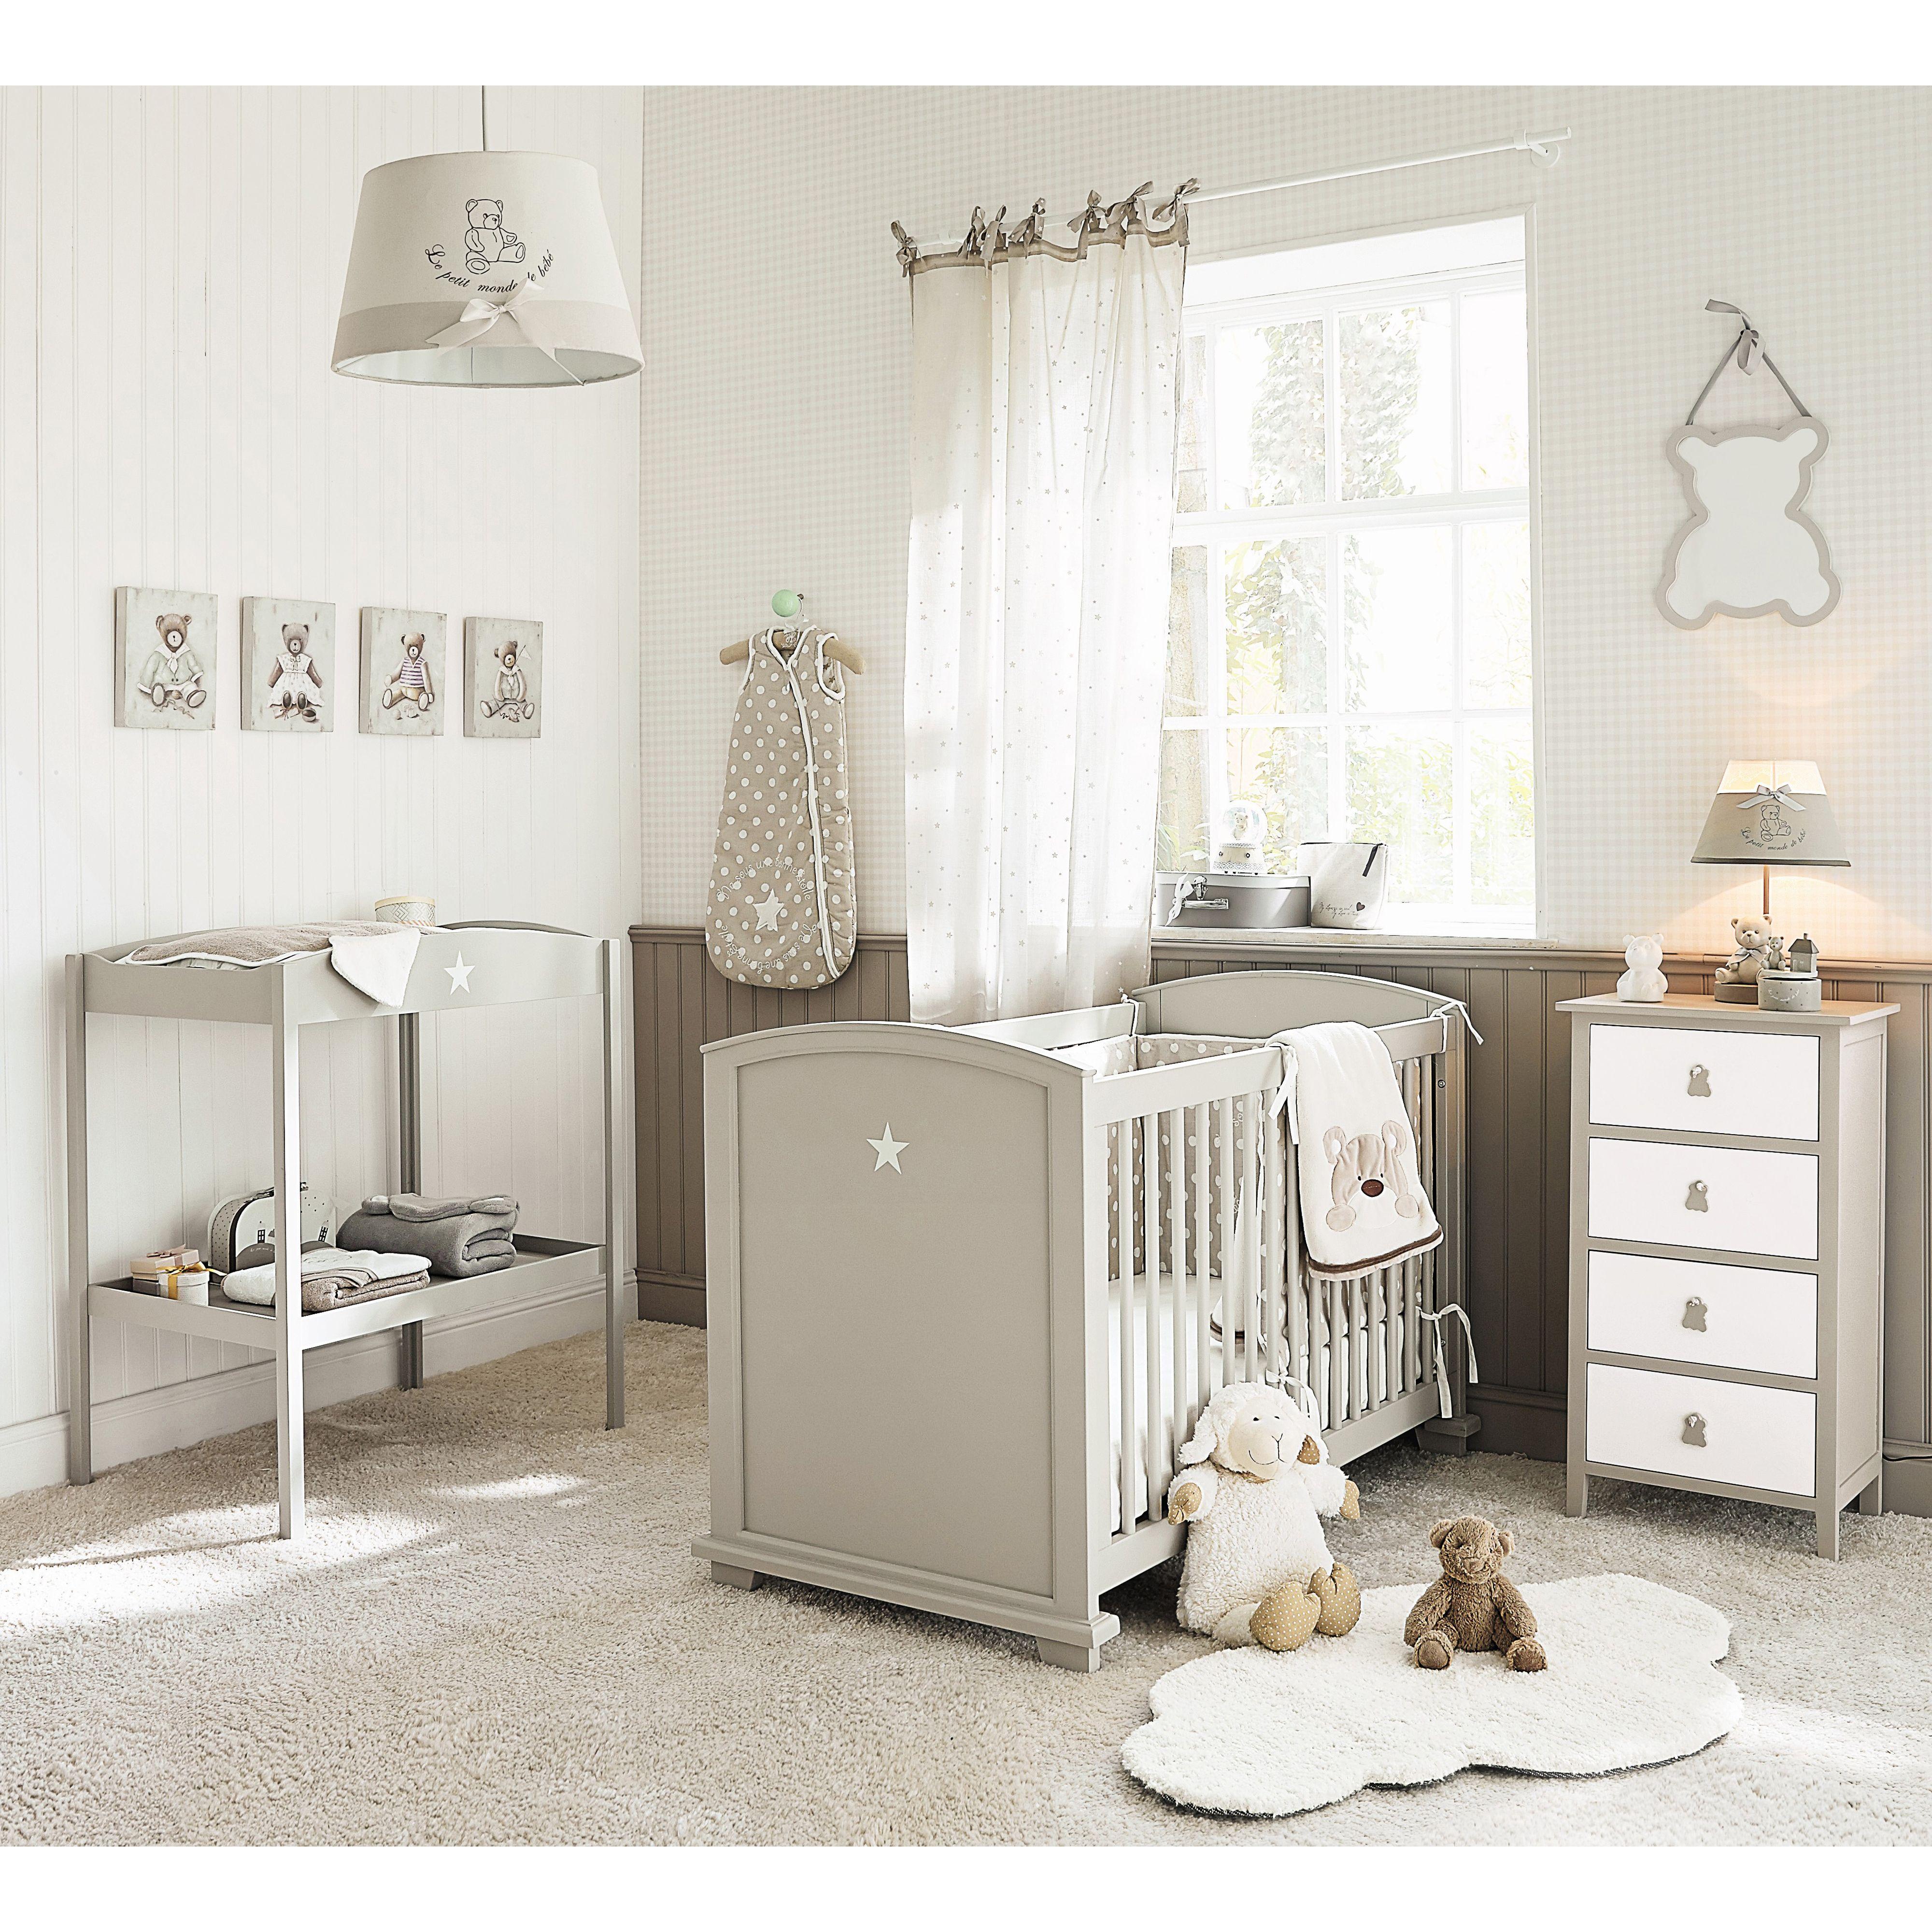 lit bebe a barreaux taupe l 131 cm maisons du monde chambre bebe beige chambre bebe taupe deco chambre bebe